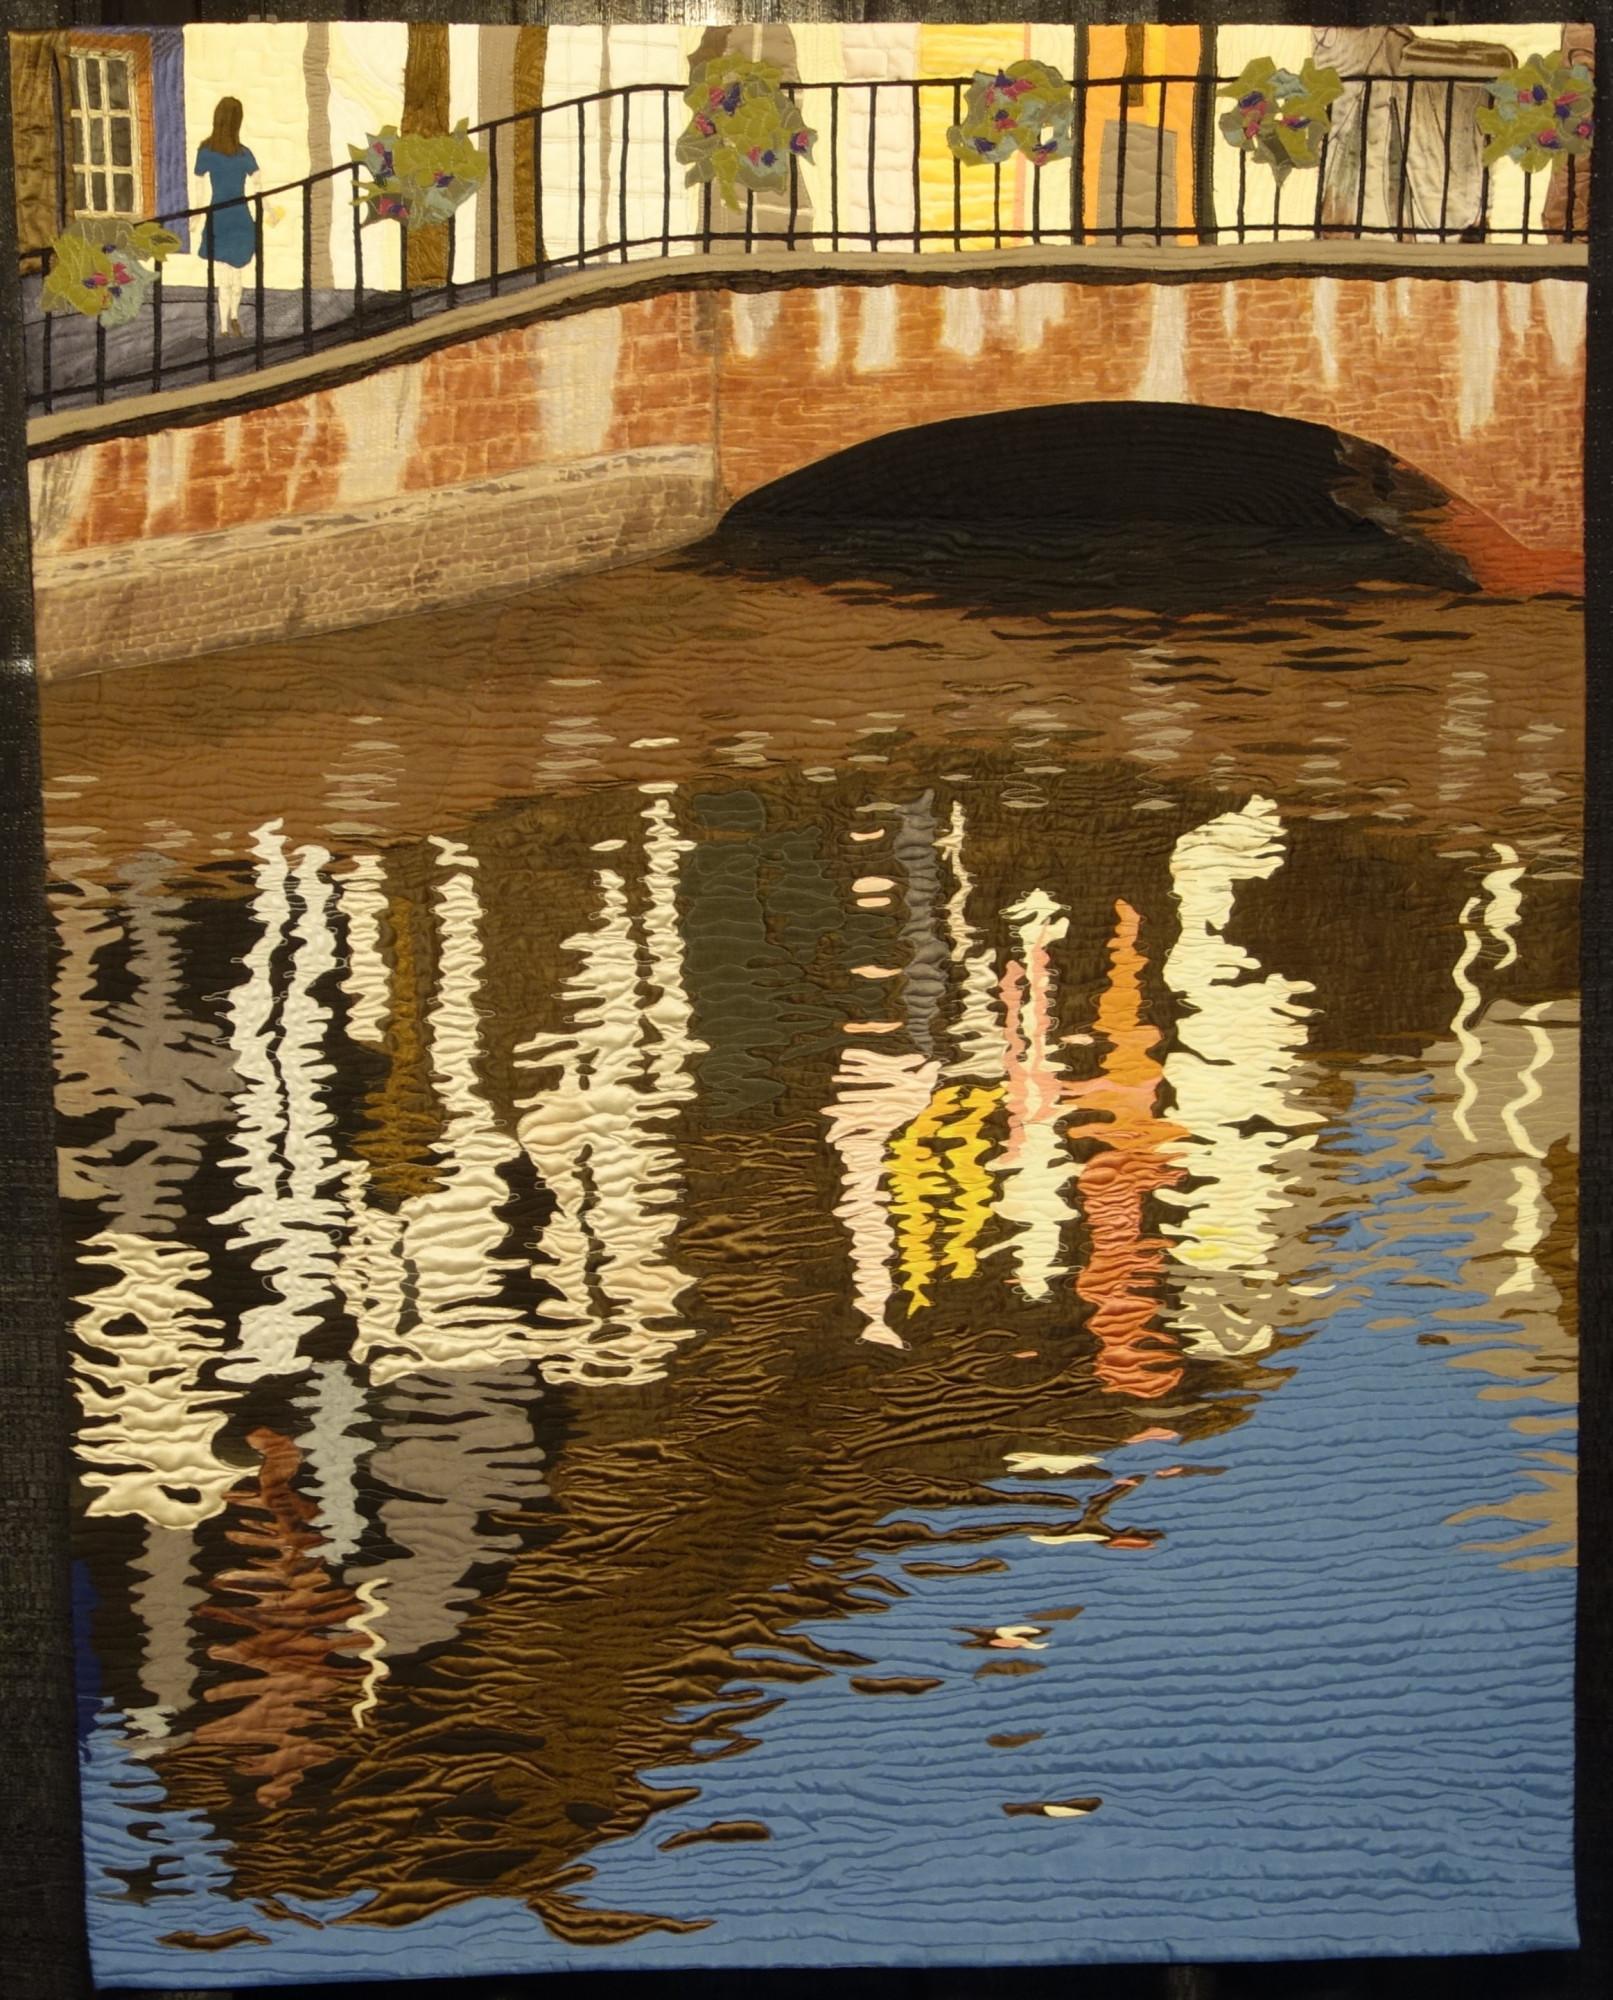 Echoes in Little Venice by Nancy Woods